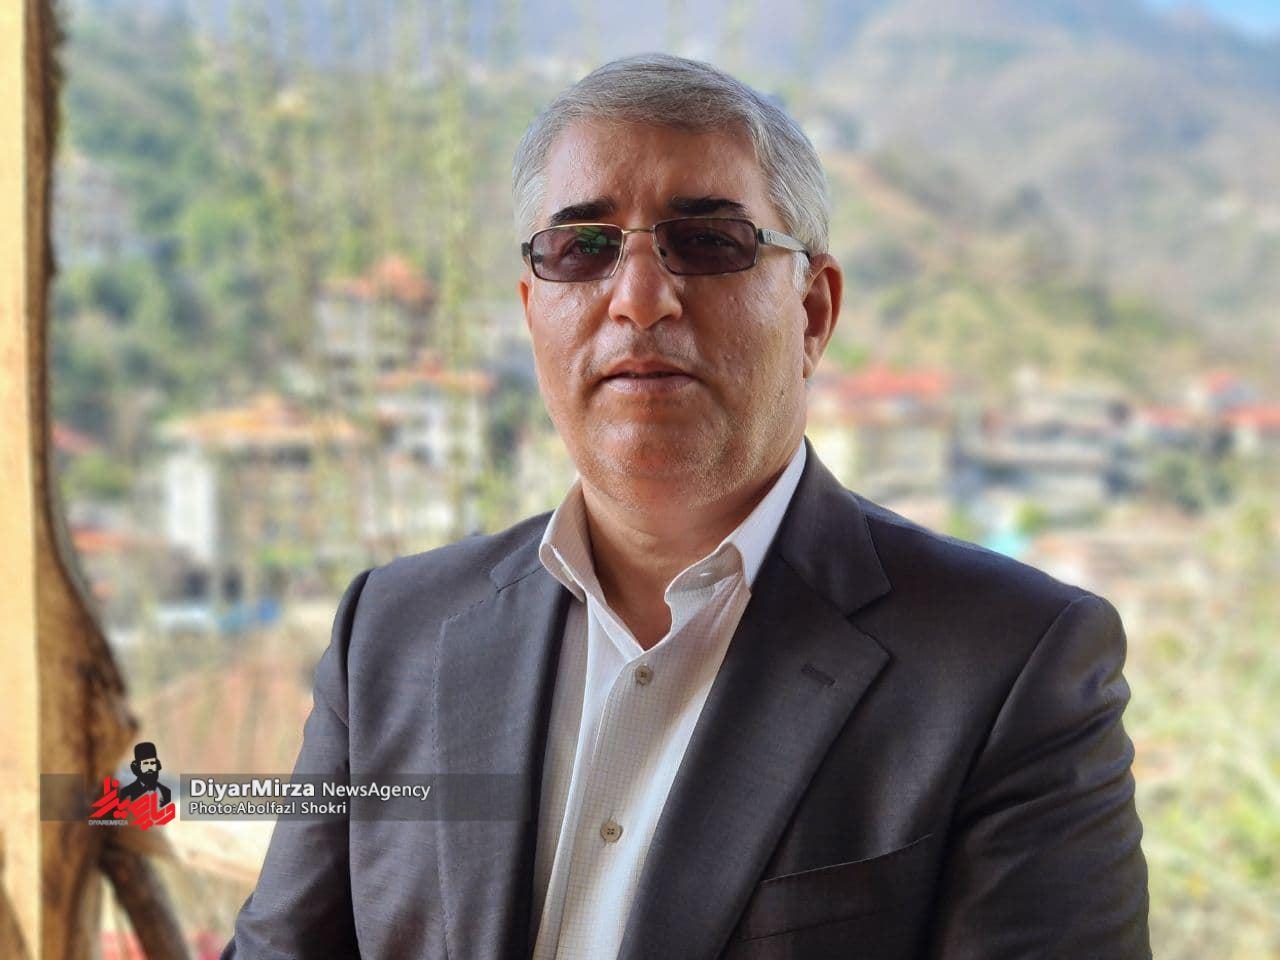 محکومیت برخورد ناشایست فرماندار لاهیجان با یک خبرنگار توسط رئیس شورای اطلاع رسانی